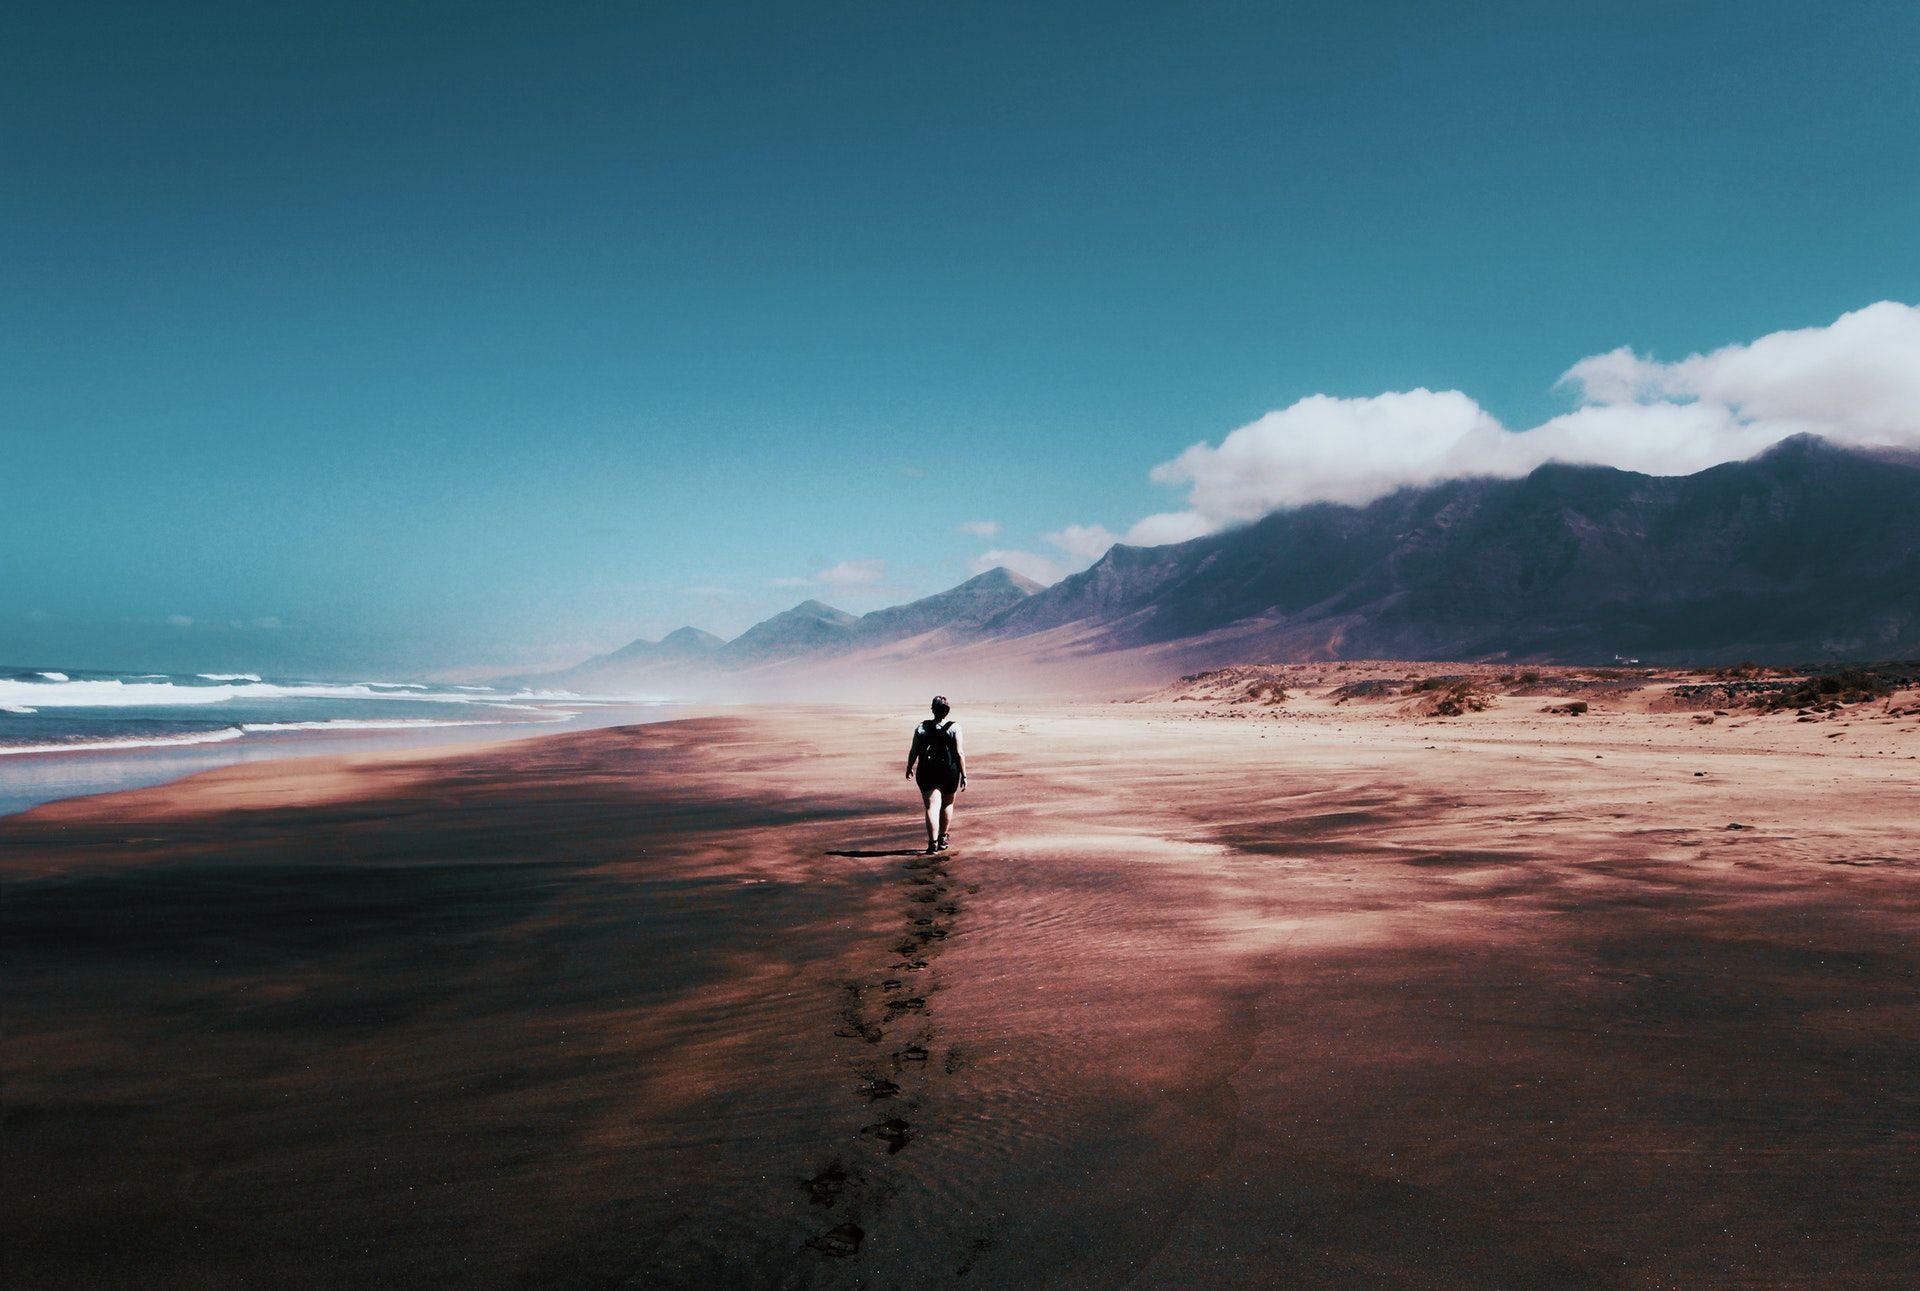 عکس زمینه فرد در حال راه رفتن بر روی جزیره متروک پس زمینه